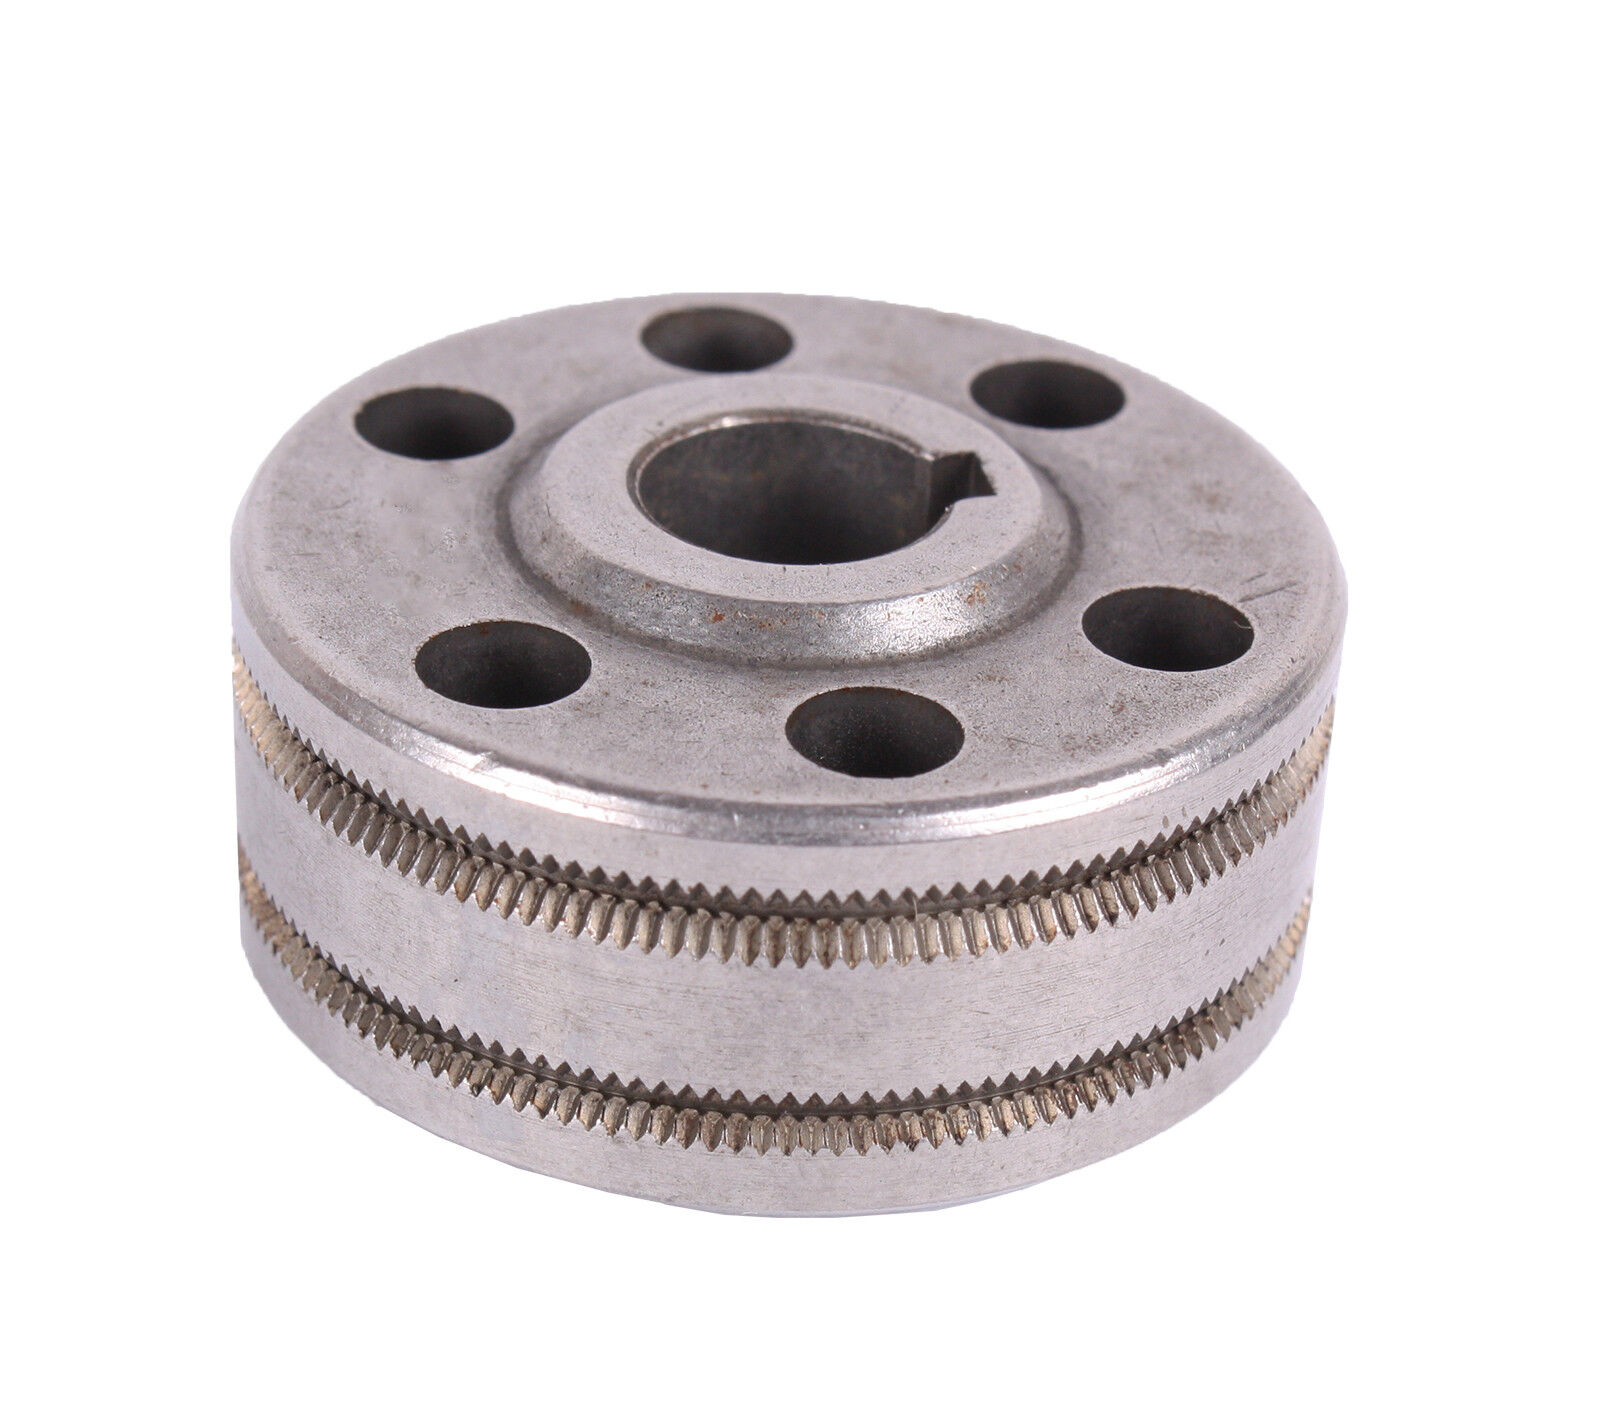 Drahtführungsrolle TYPB GYS für Stahldraht 0,6 0,8  37mm x 10 mm